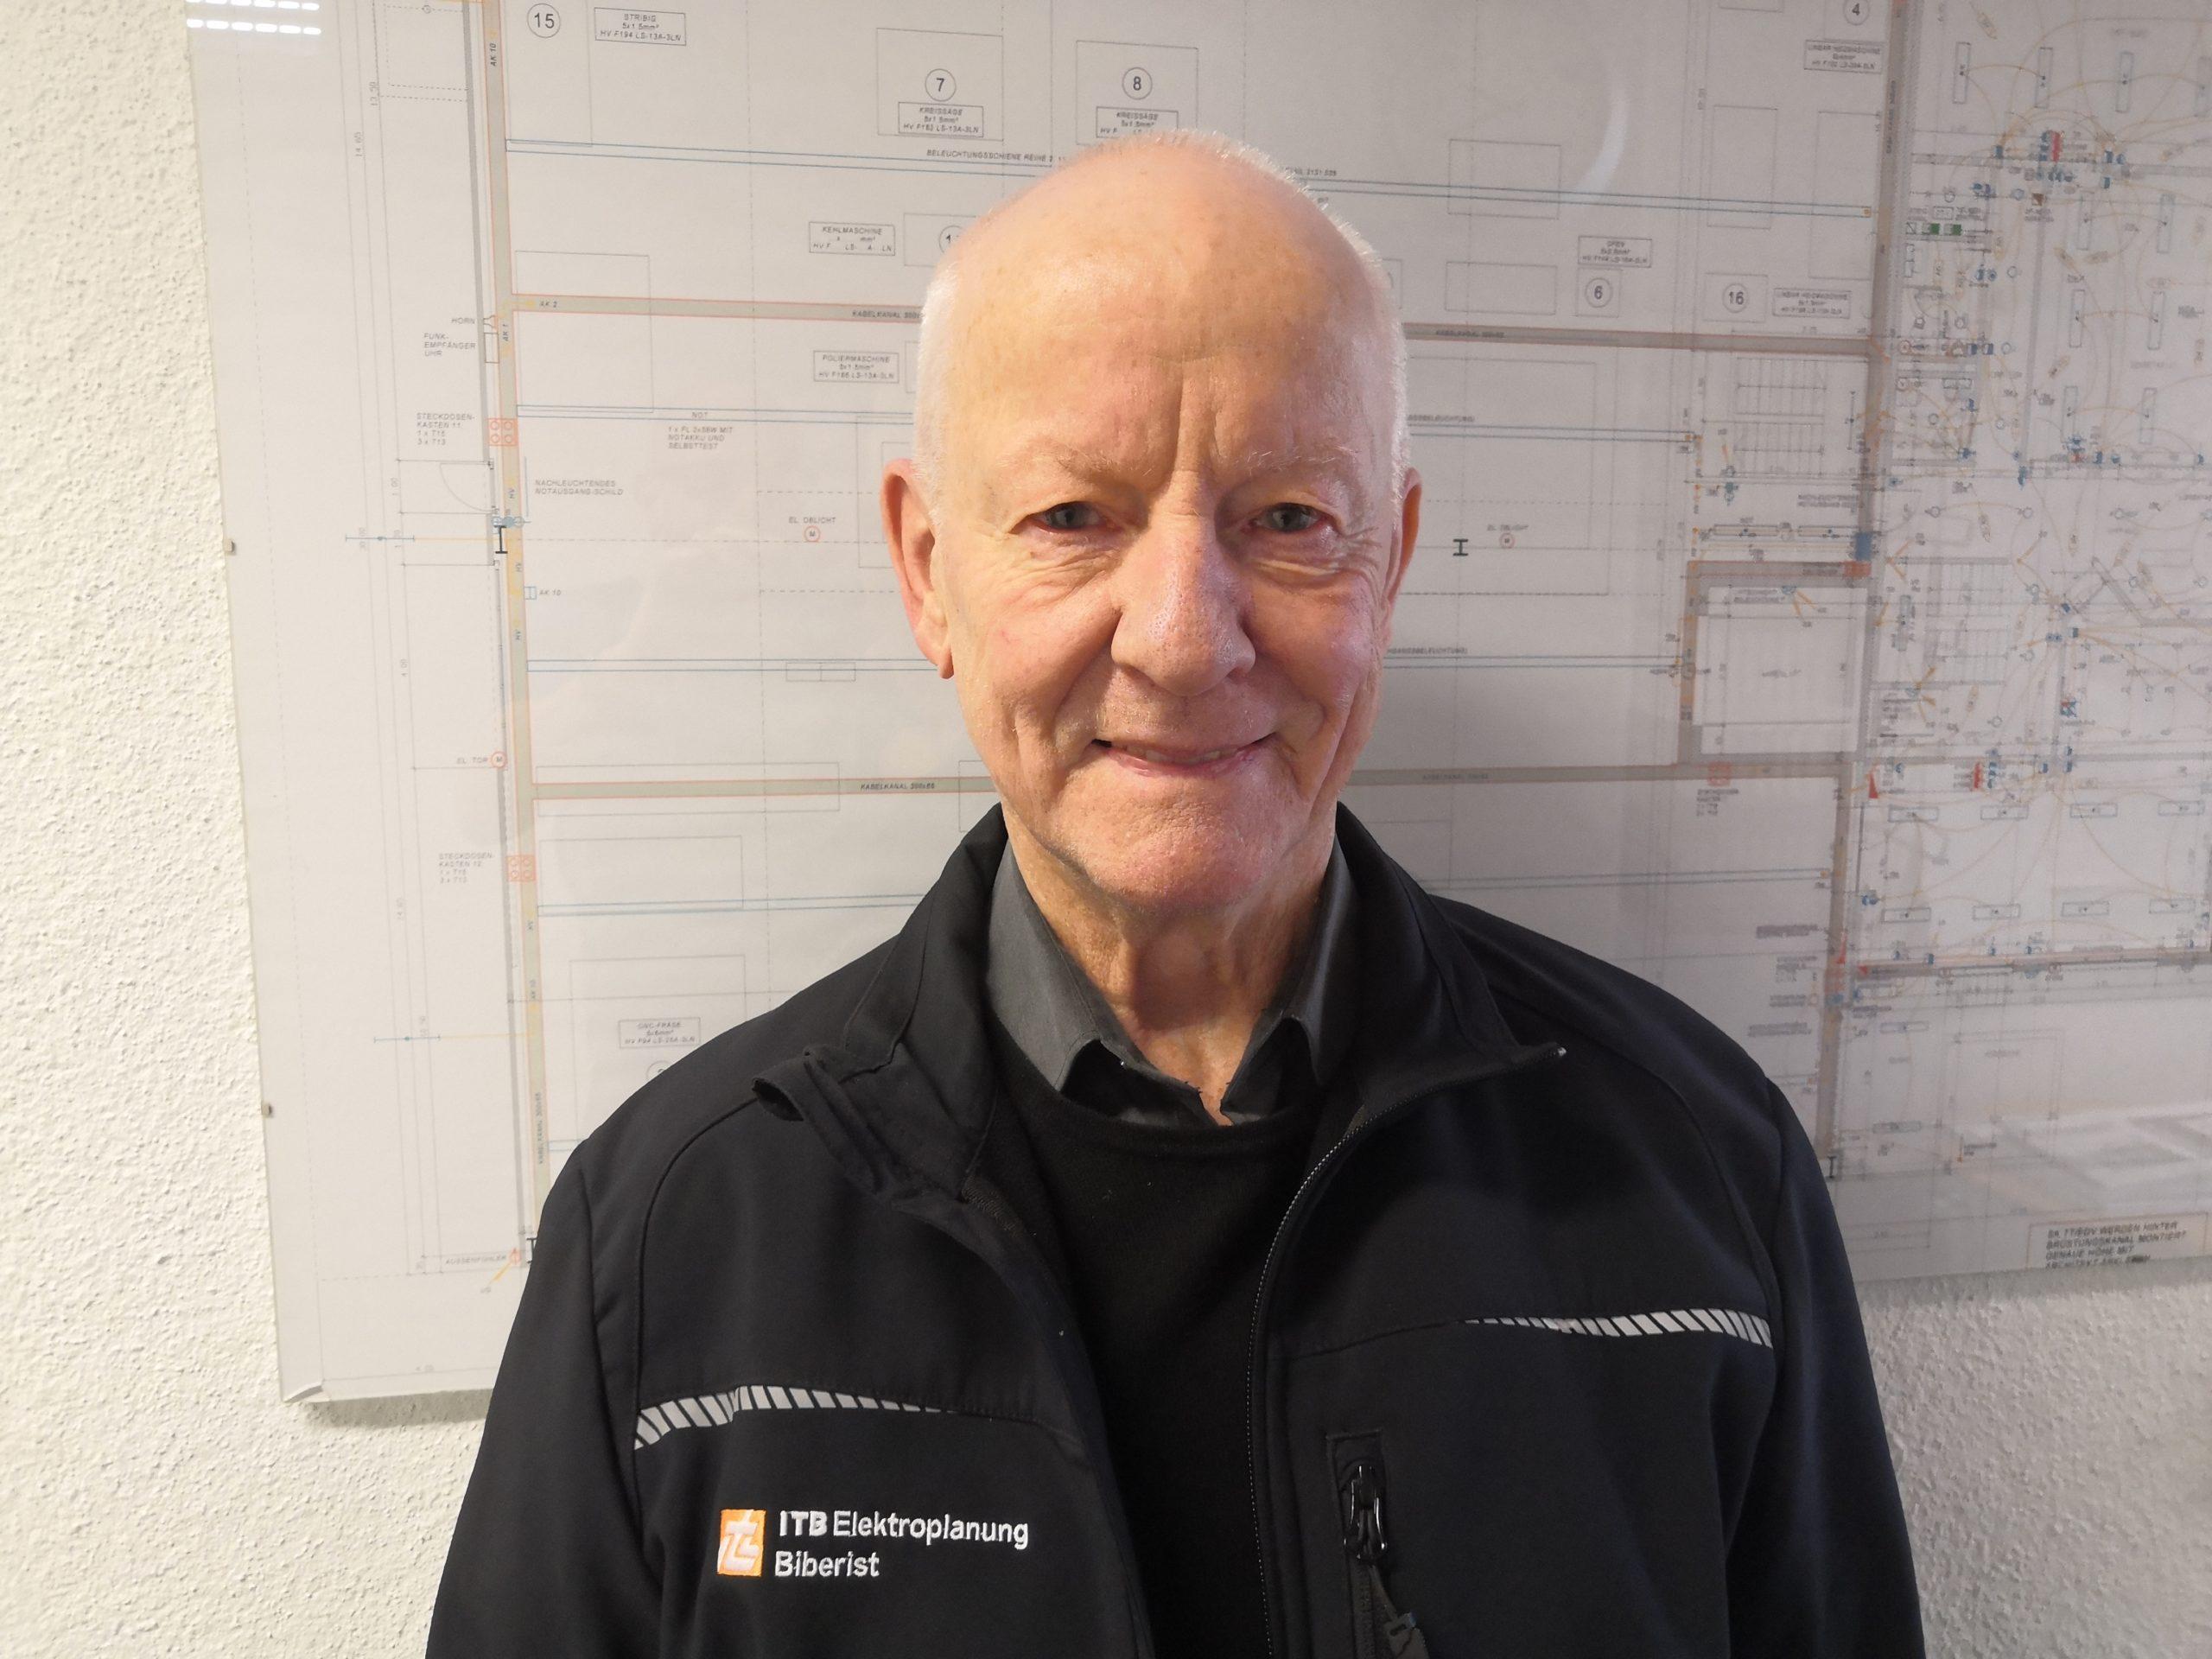 Hans-Jürgen Schrader